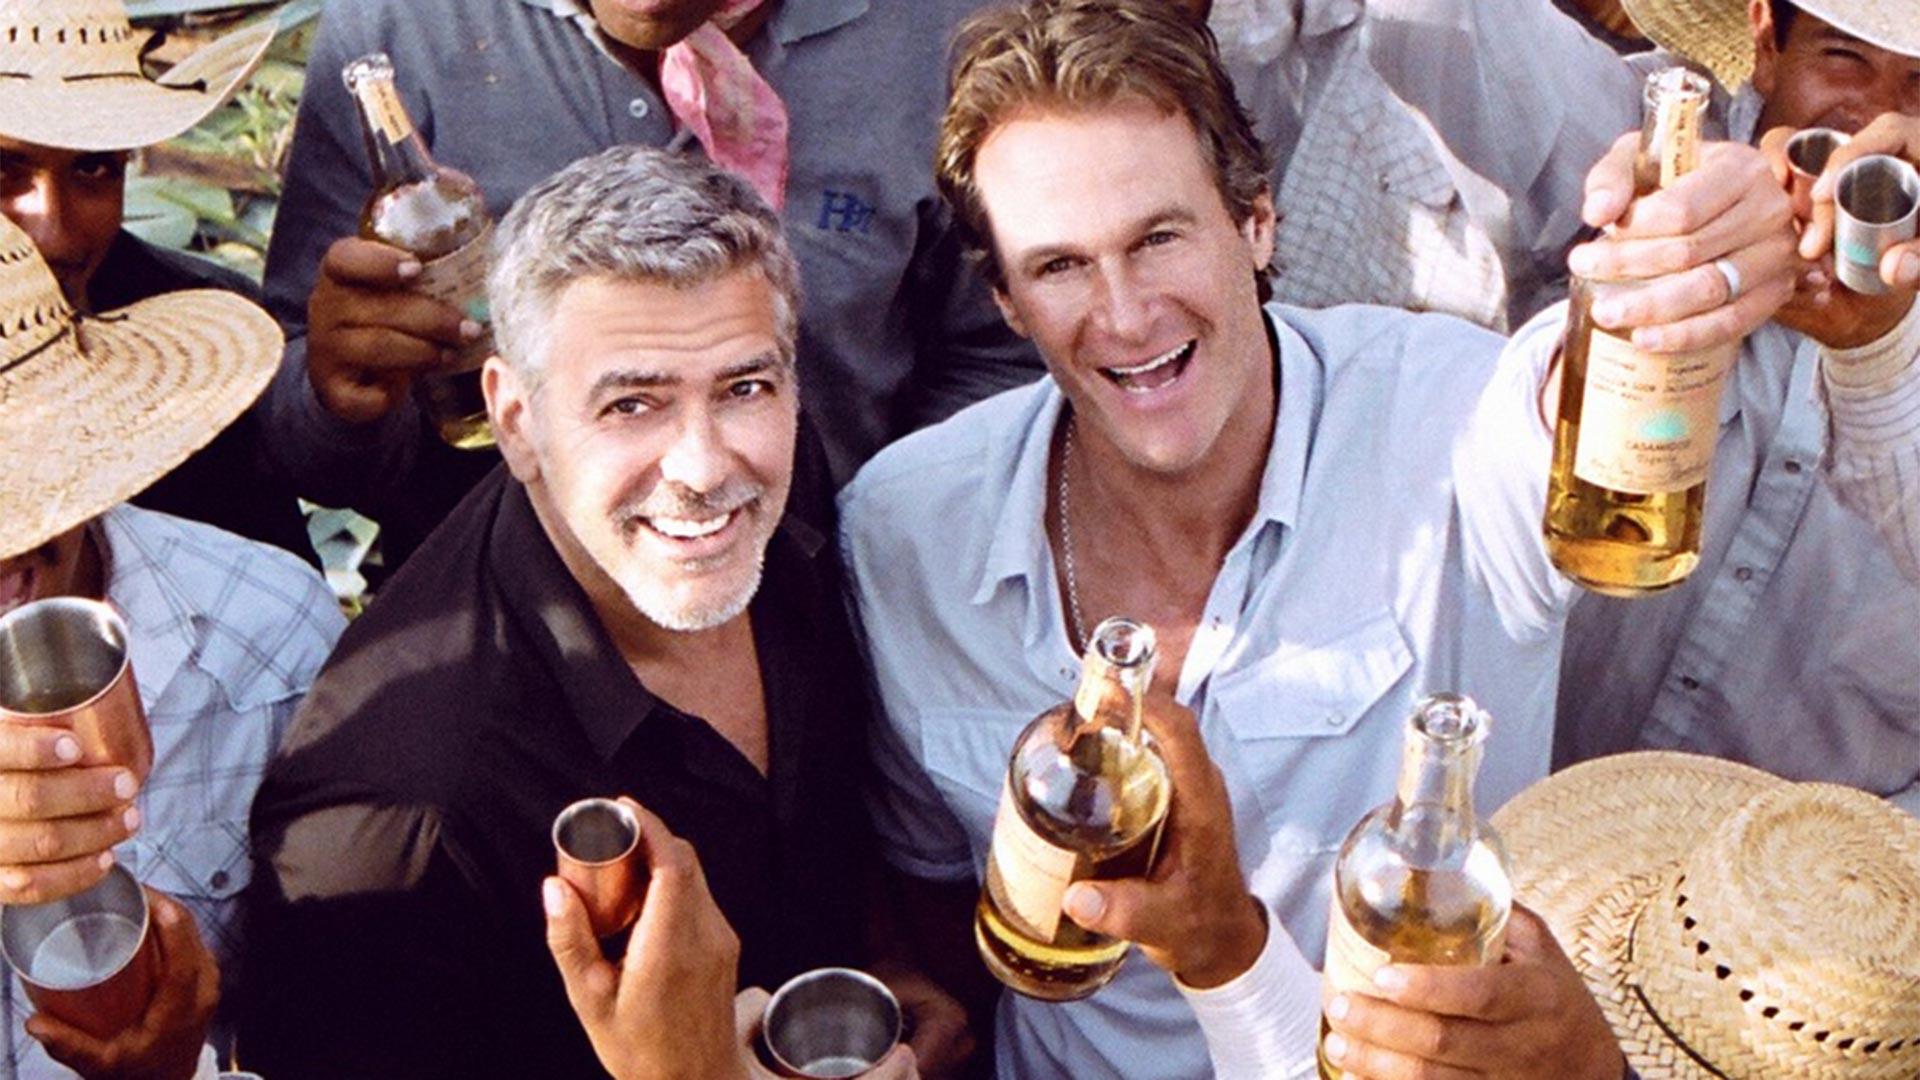 El día que George Clooney agradeció a sus amigos con 14 sorpresas millonarias - Infobae